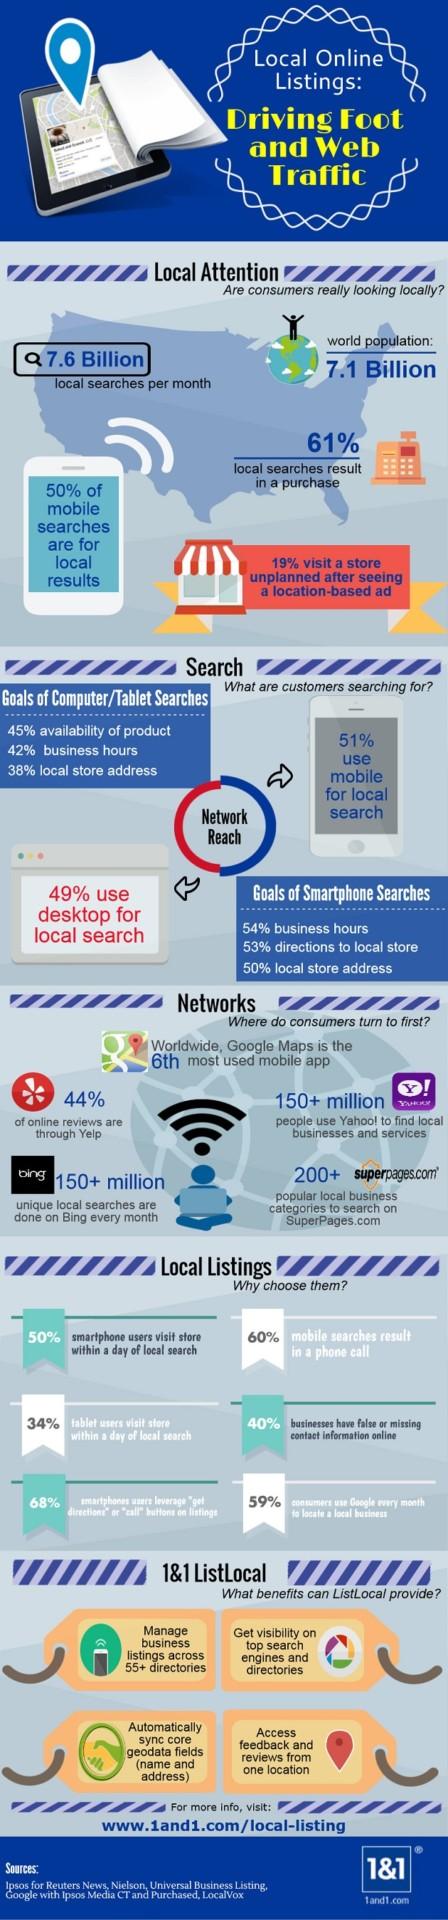 630 listlocal infographic 1und1 IG